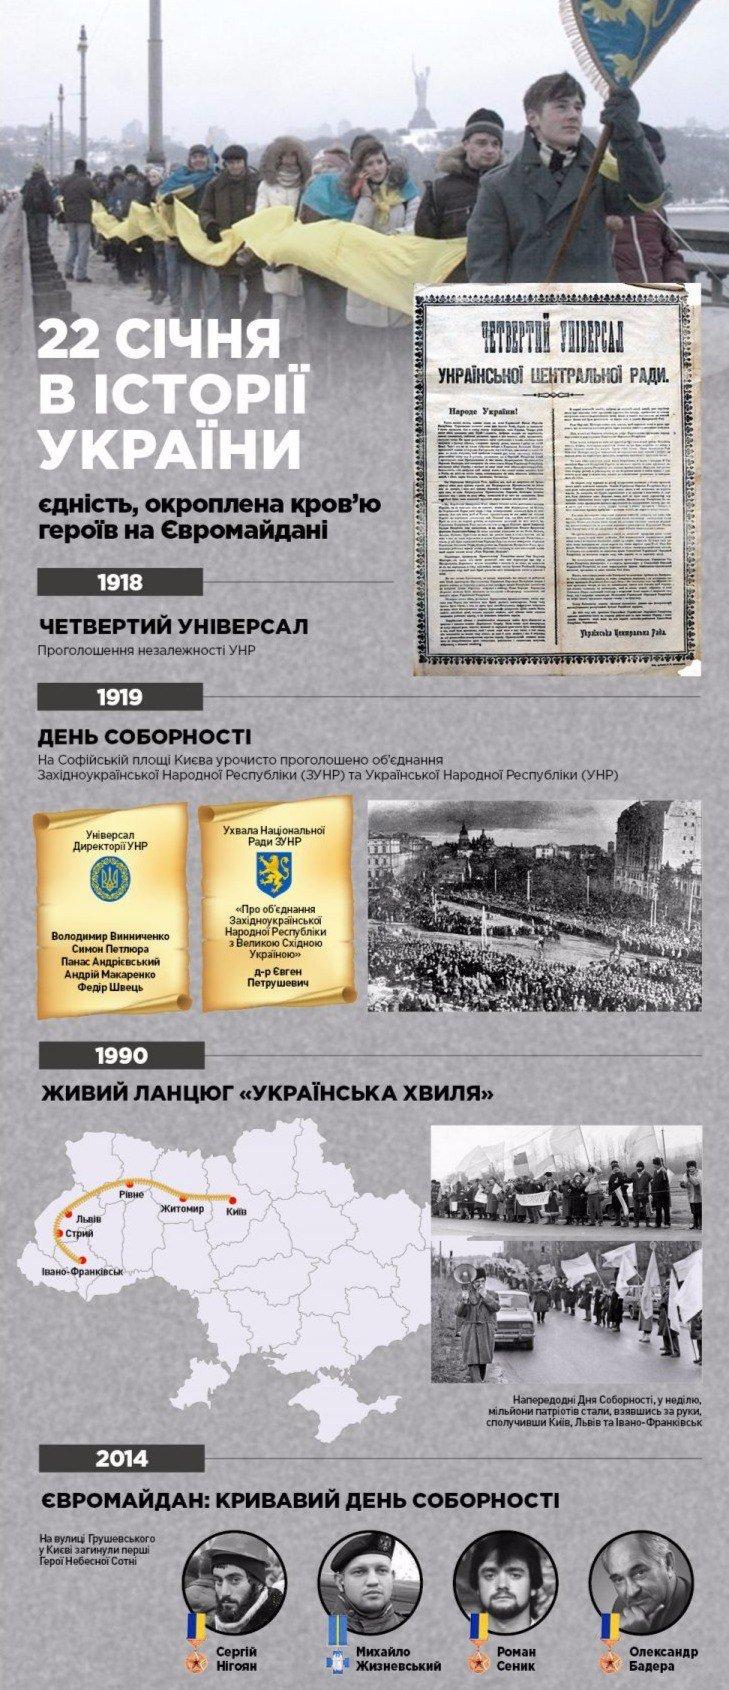 В День Соборности Украины убили Сергея Нигояна (ФОТО, ВИДЕО), фото-1